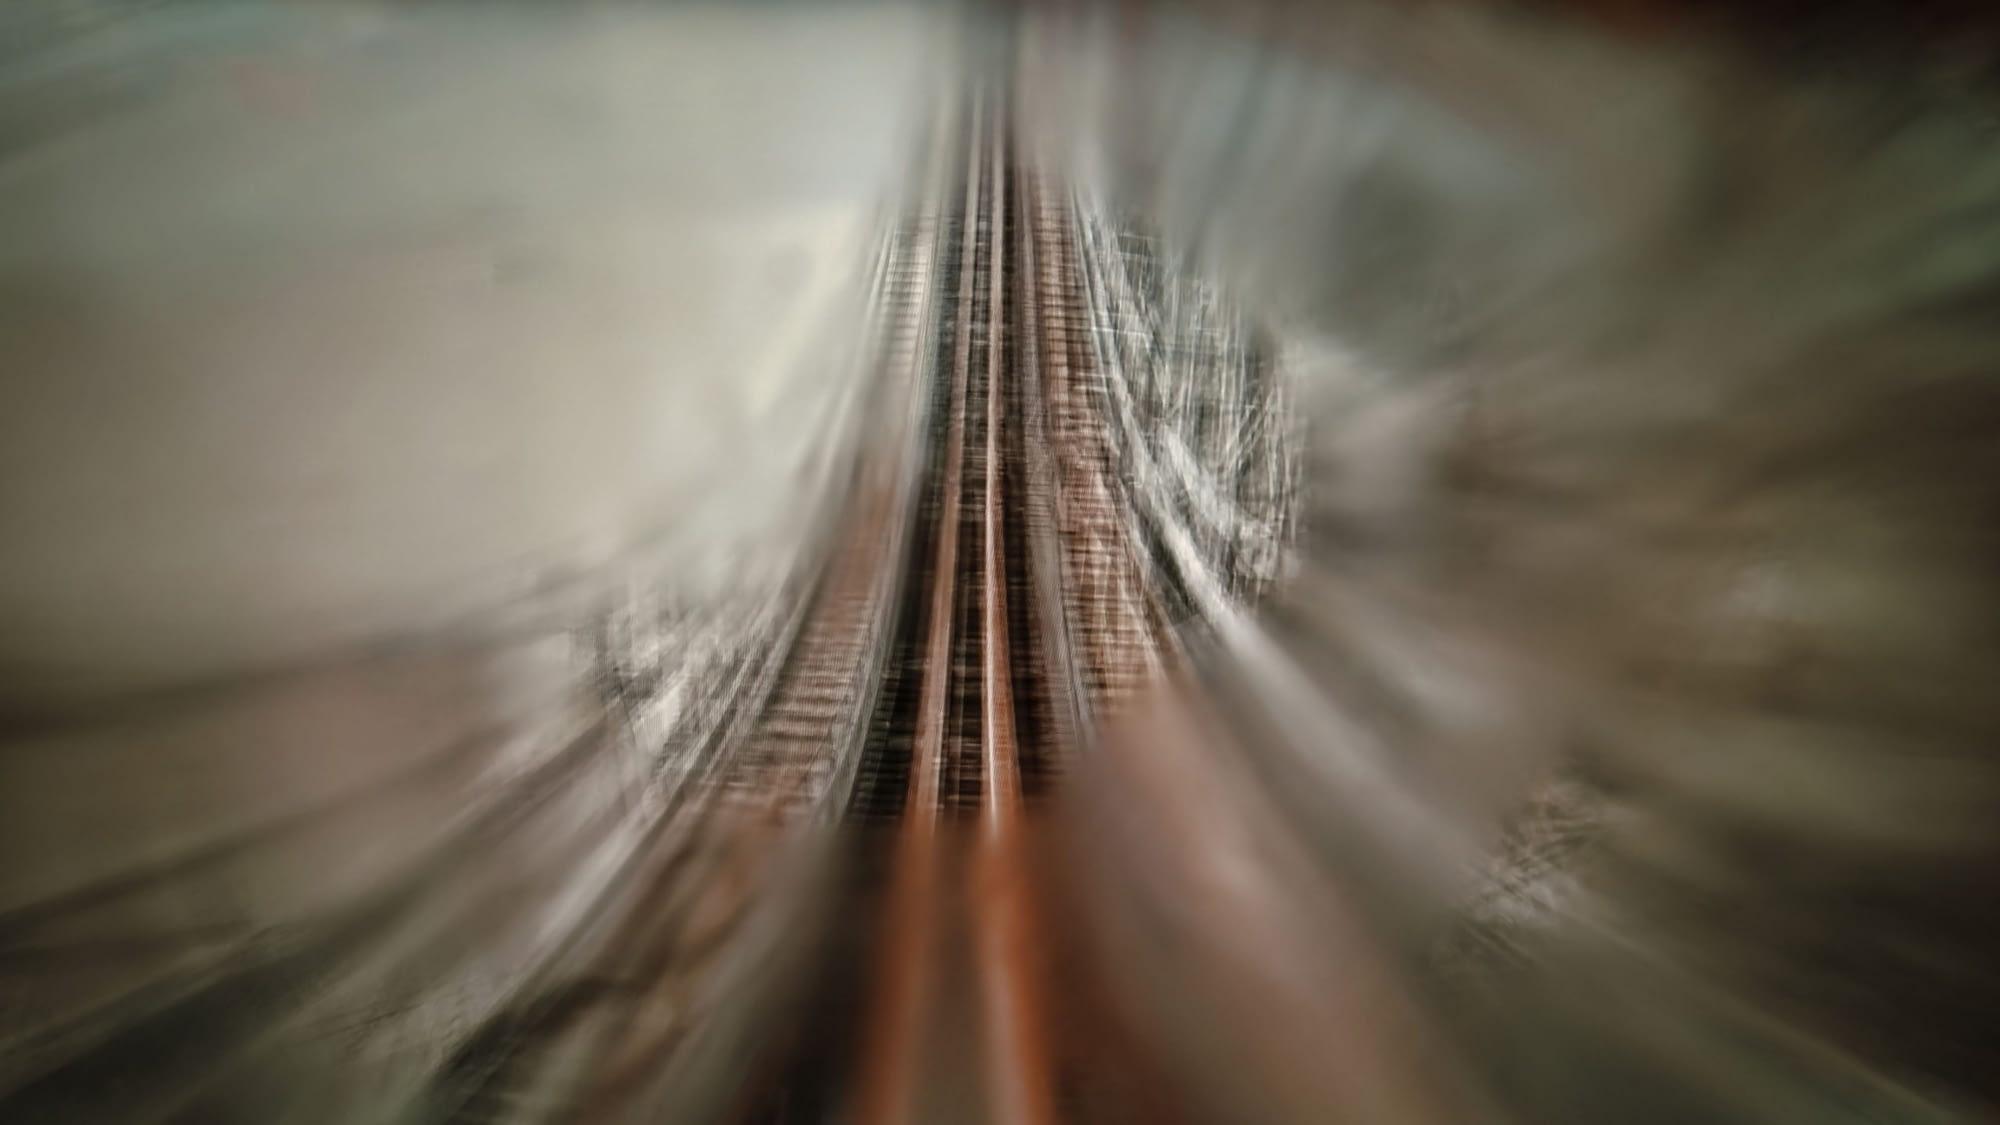 Nausea feeling when riding the roller coaster